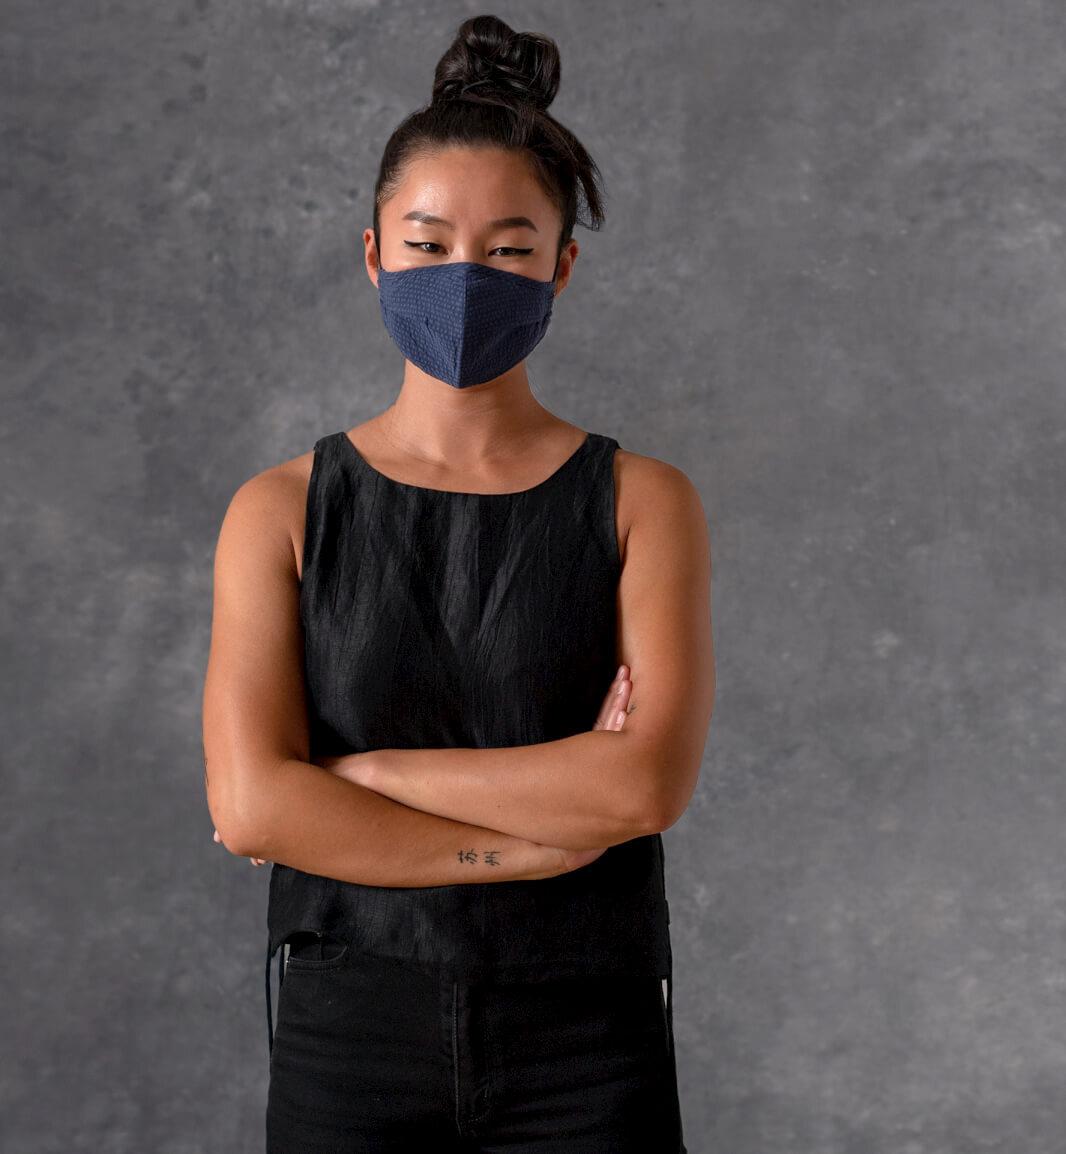 model wearing size small mask